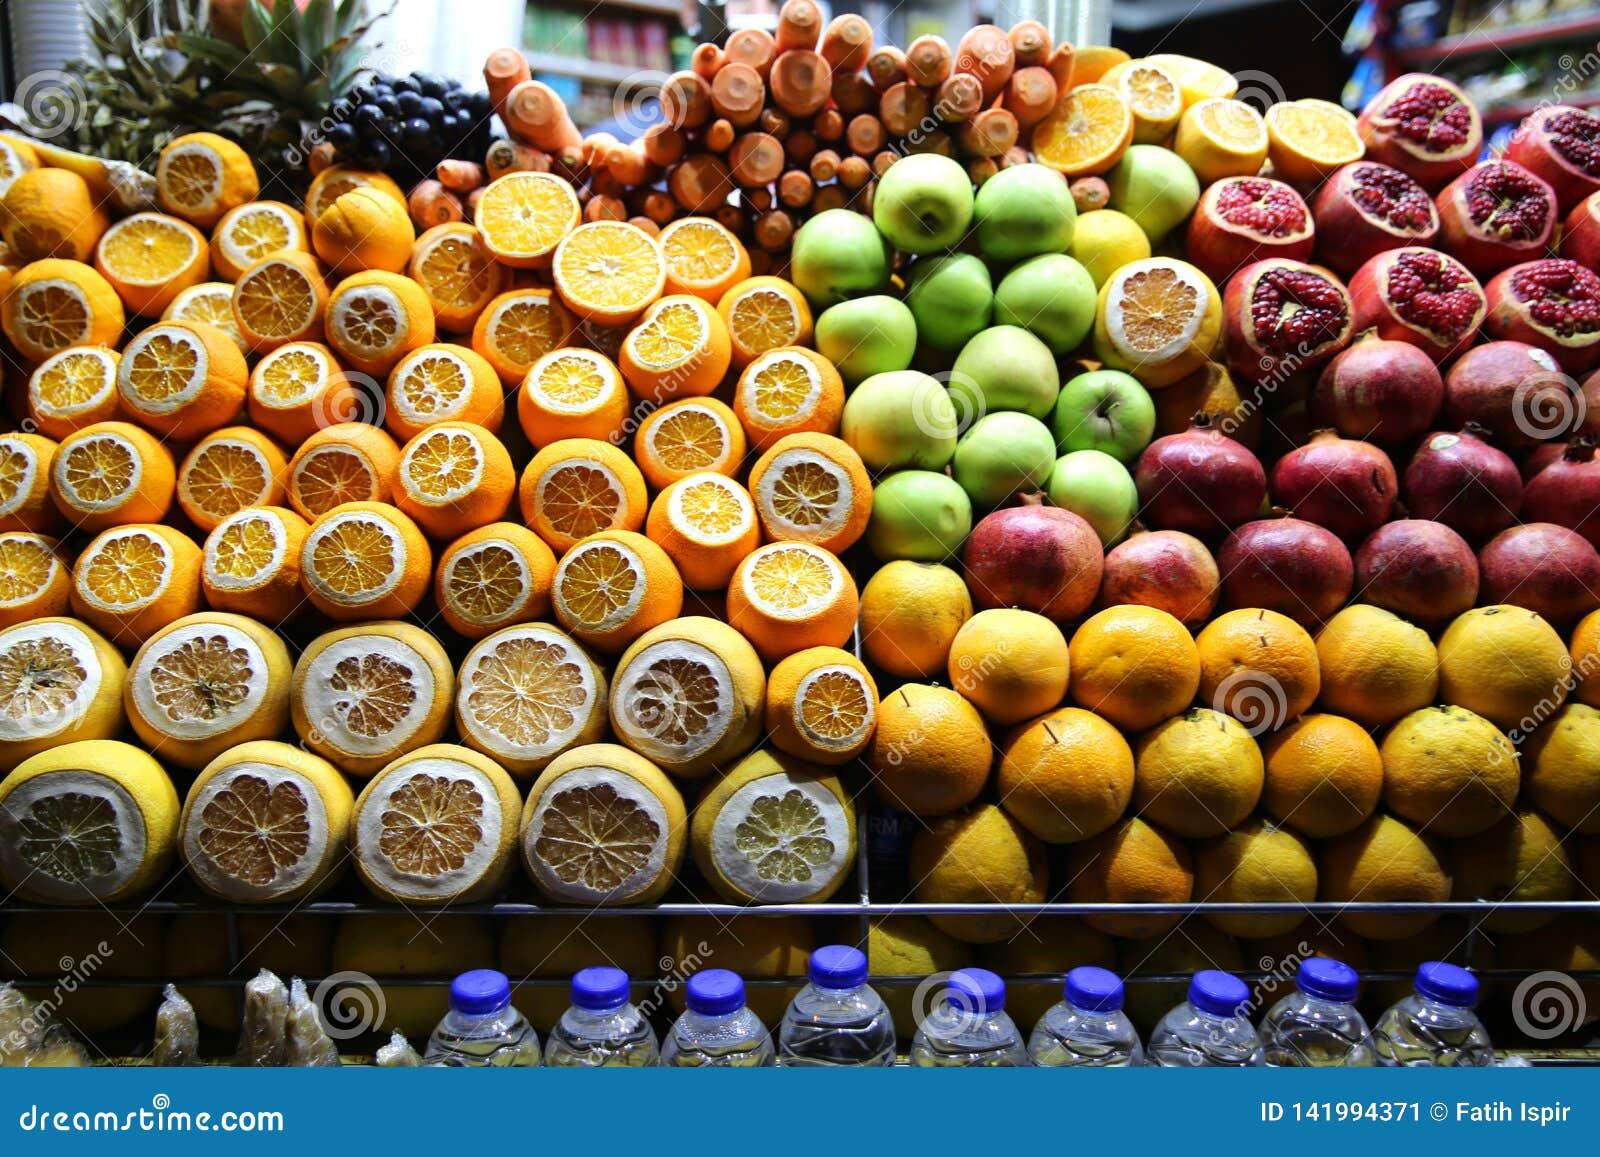 Fruttifica Juice Shop in Pera Ä°stanbul